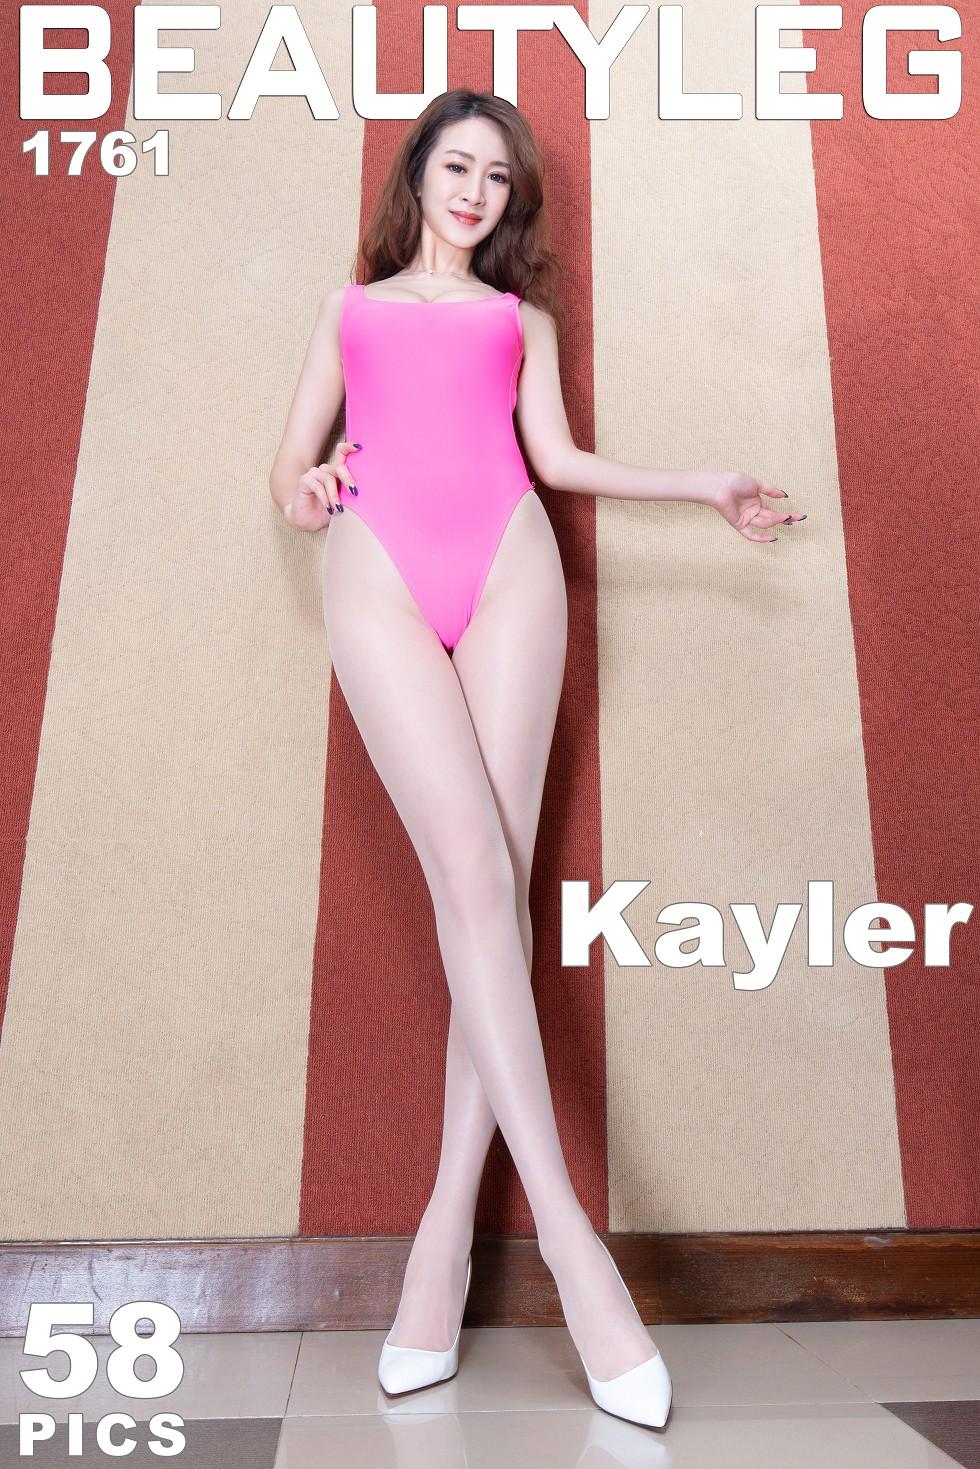 模特Kaylar妹子性感红色高叉连体内衣配肉丝裤袜诱惑无圣光写真48P